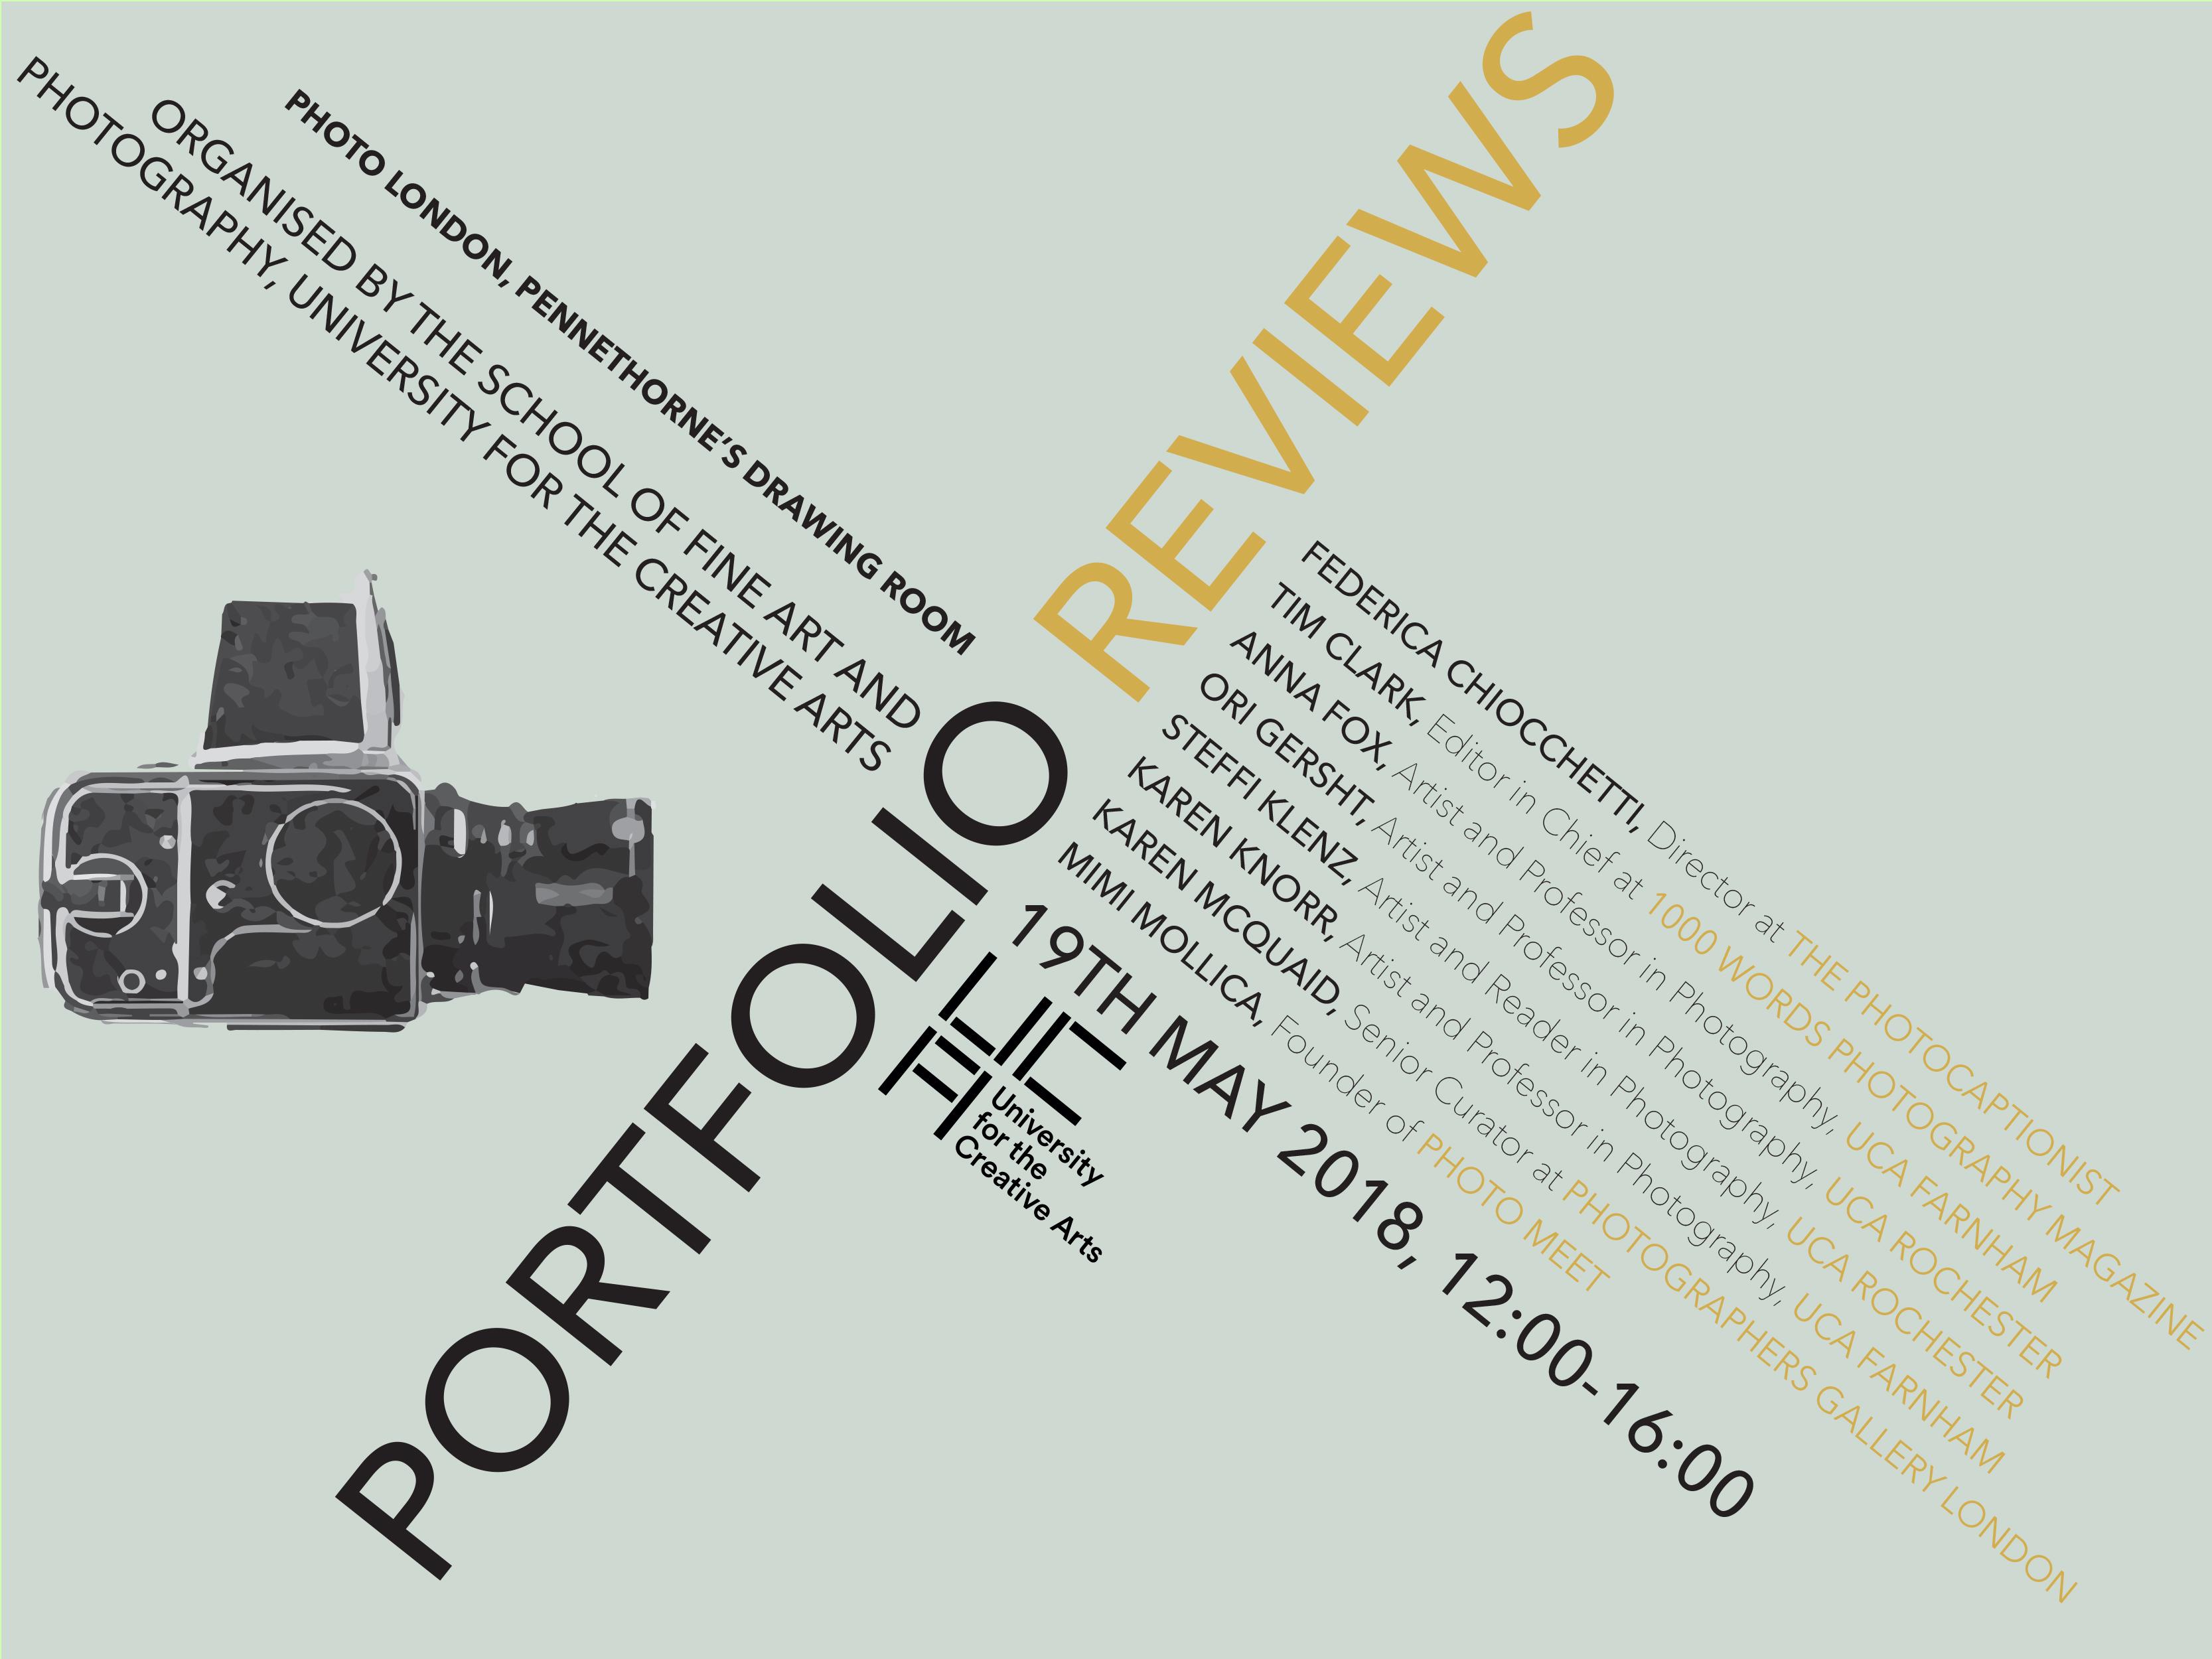 Portfolio Review Day Photo London